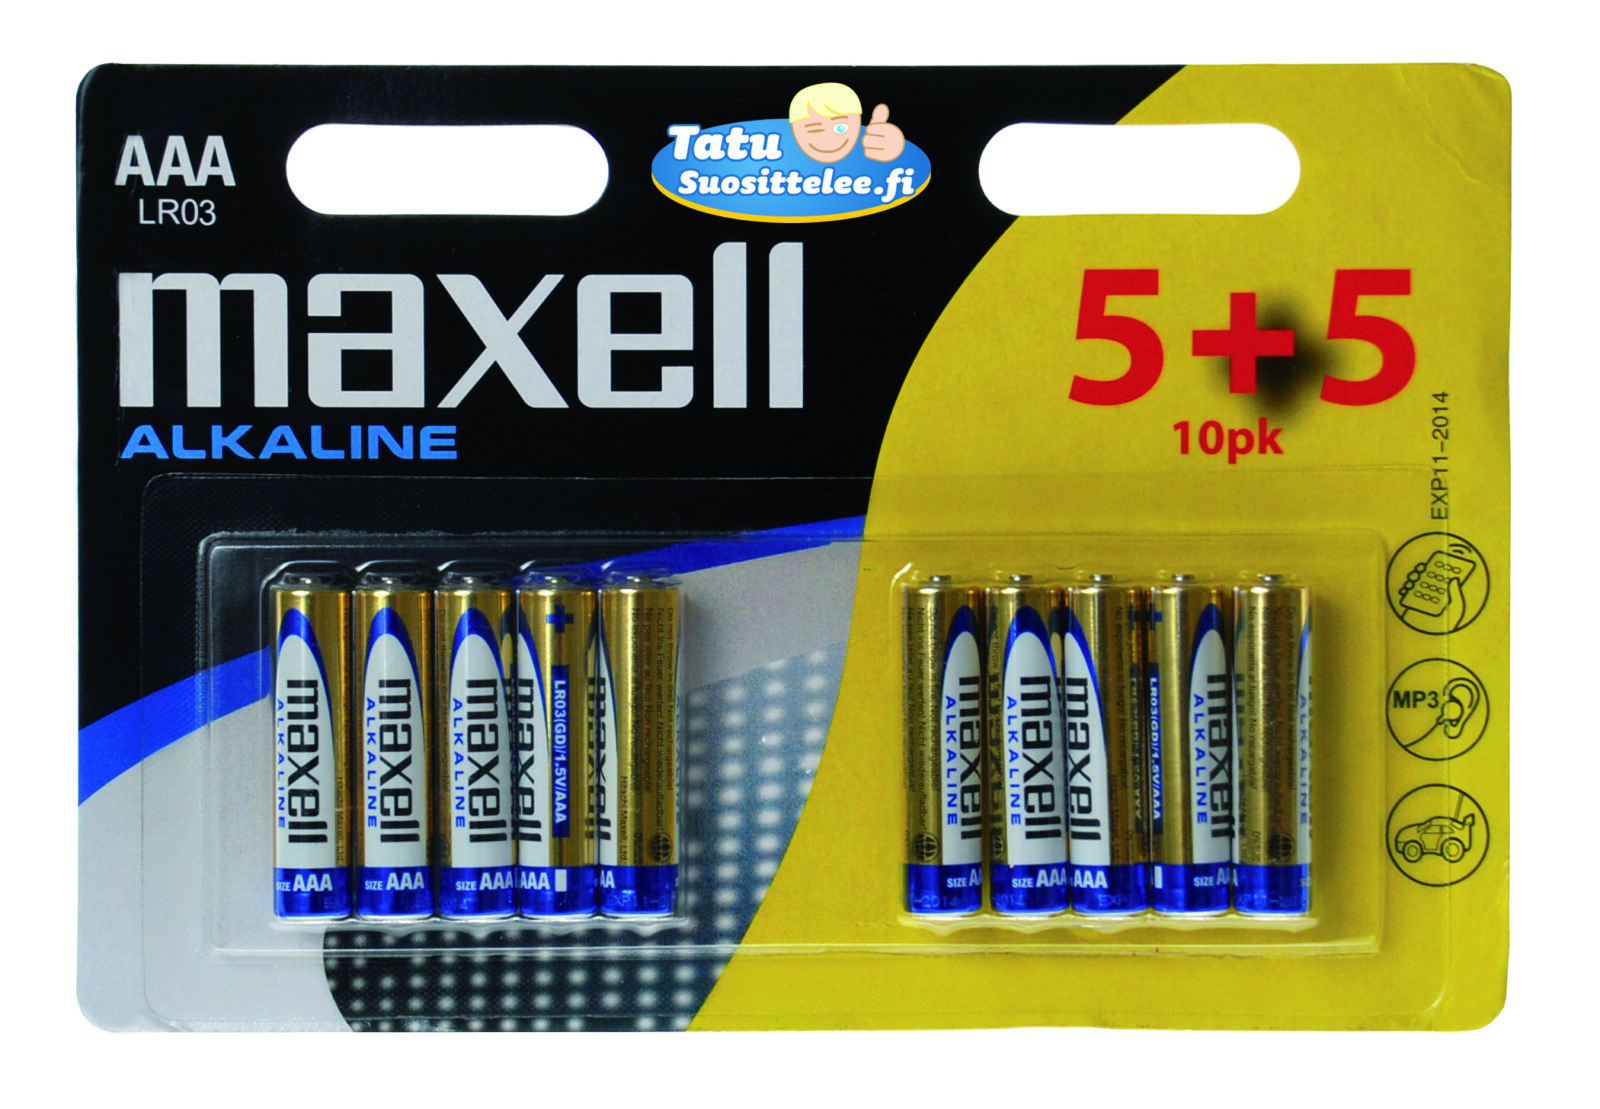 Maxell AAA-paristo LR3 10-pack (5+5)